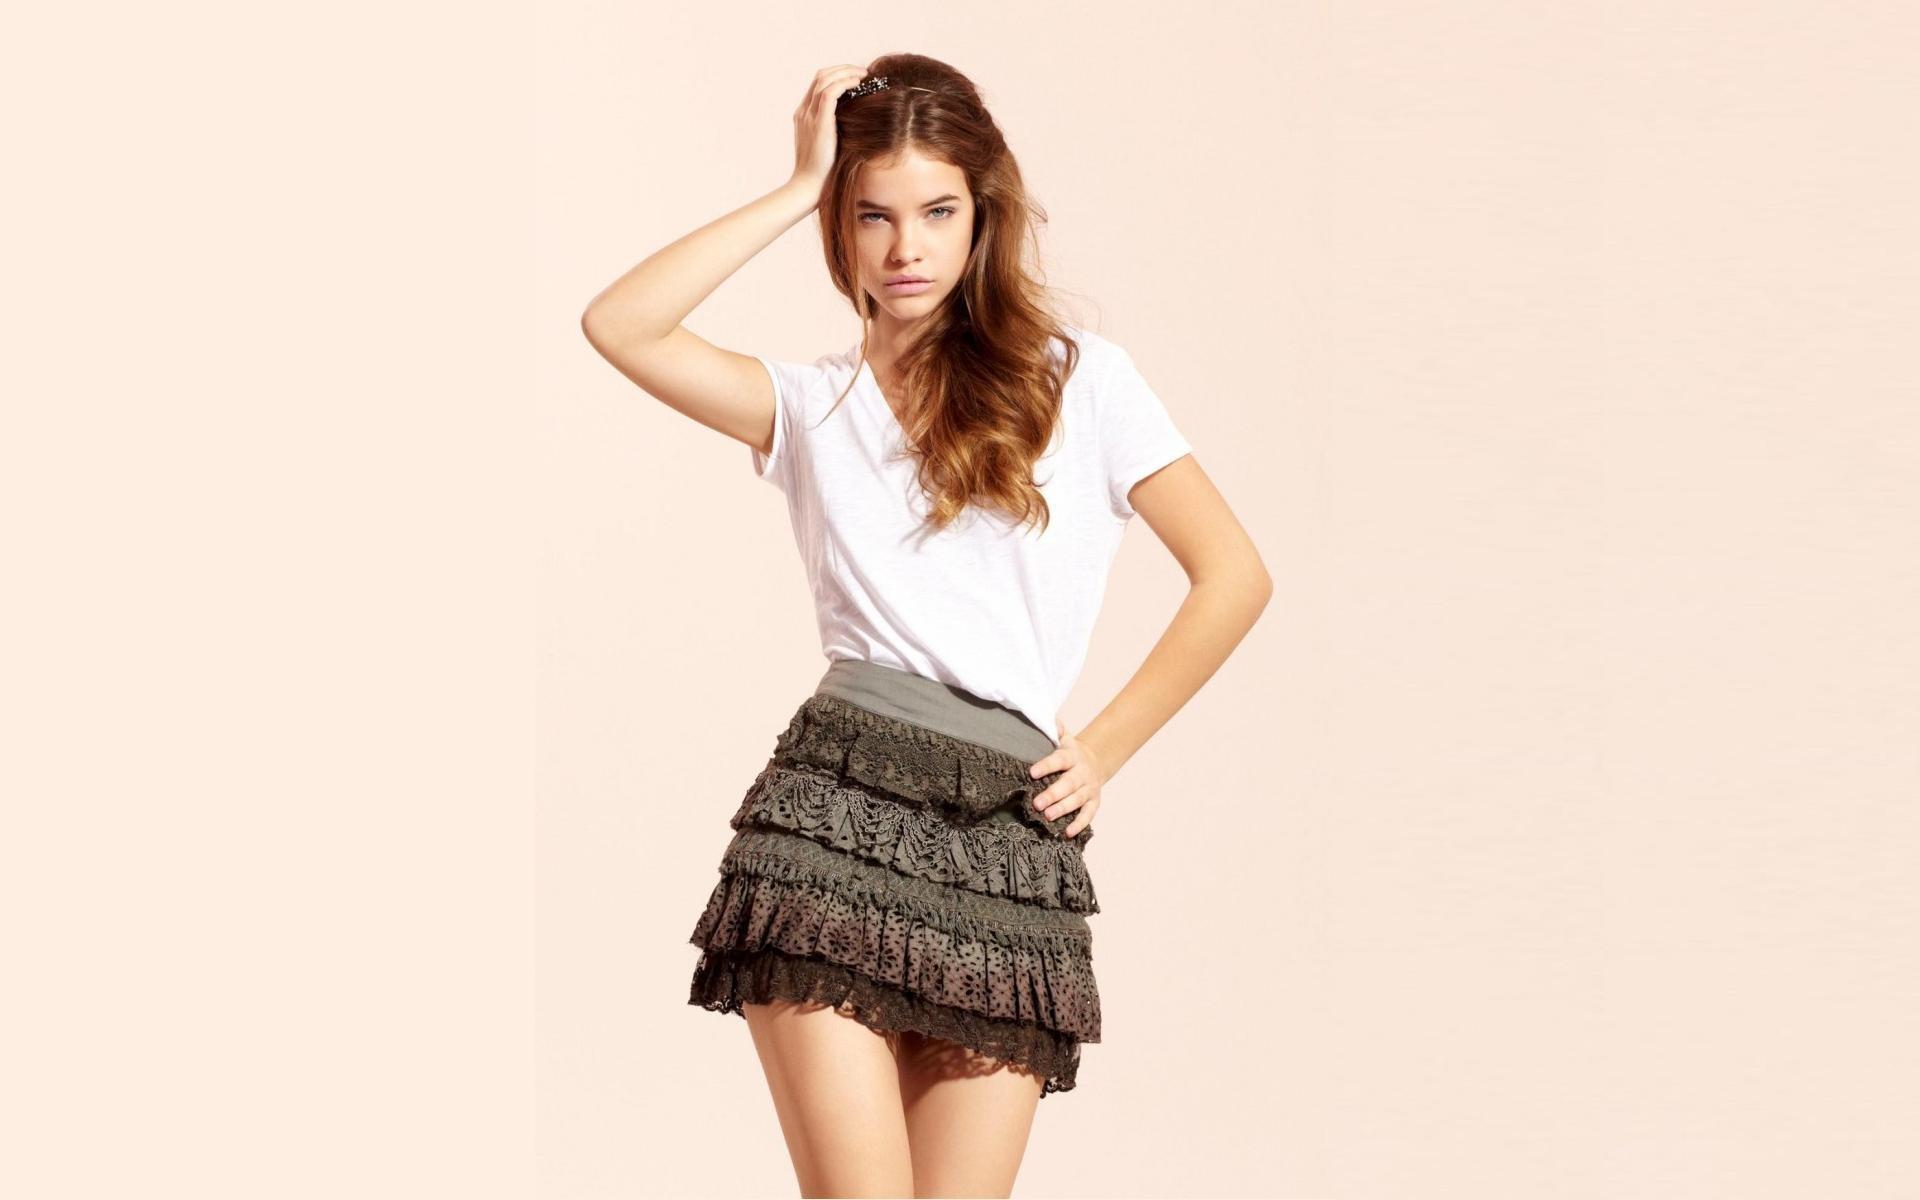 Barbara Palvin con falda - 1920x1200